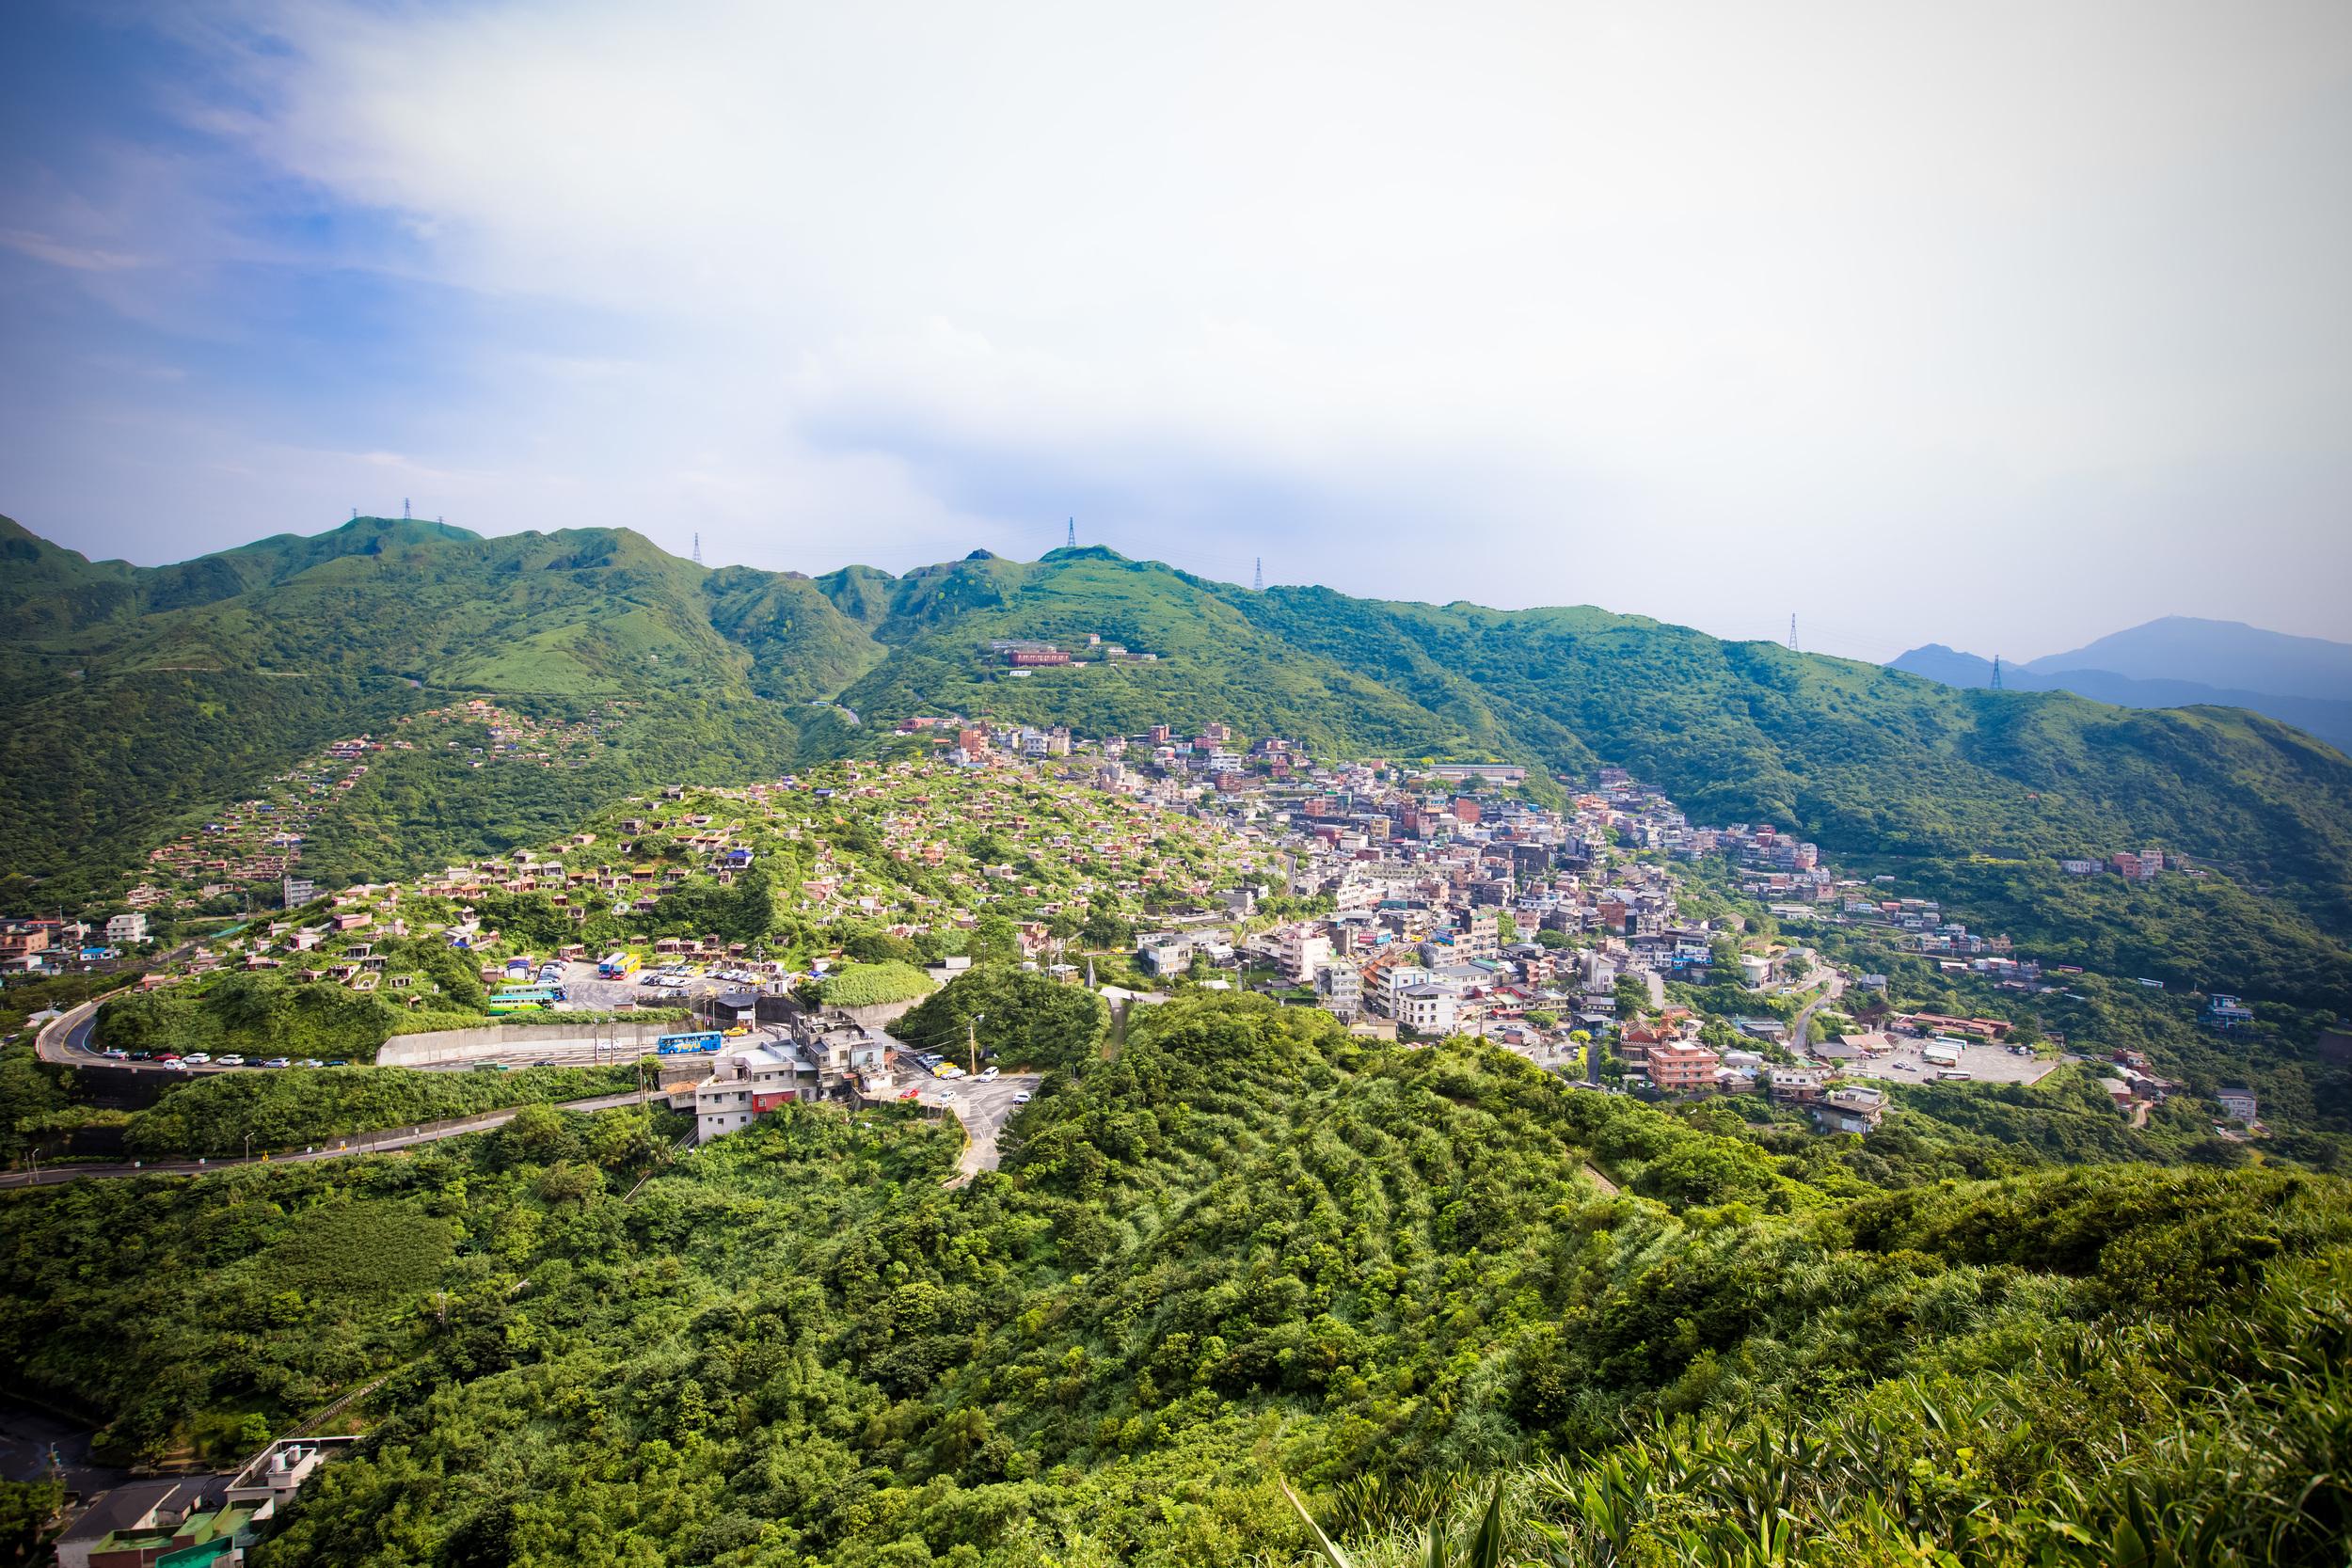 Jiufen from the hiking path on Jilong Mountain (雞籠山)